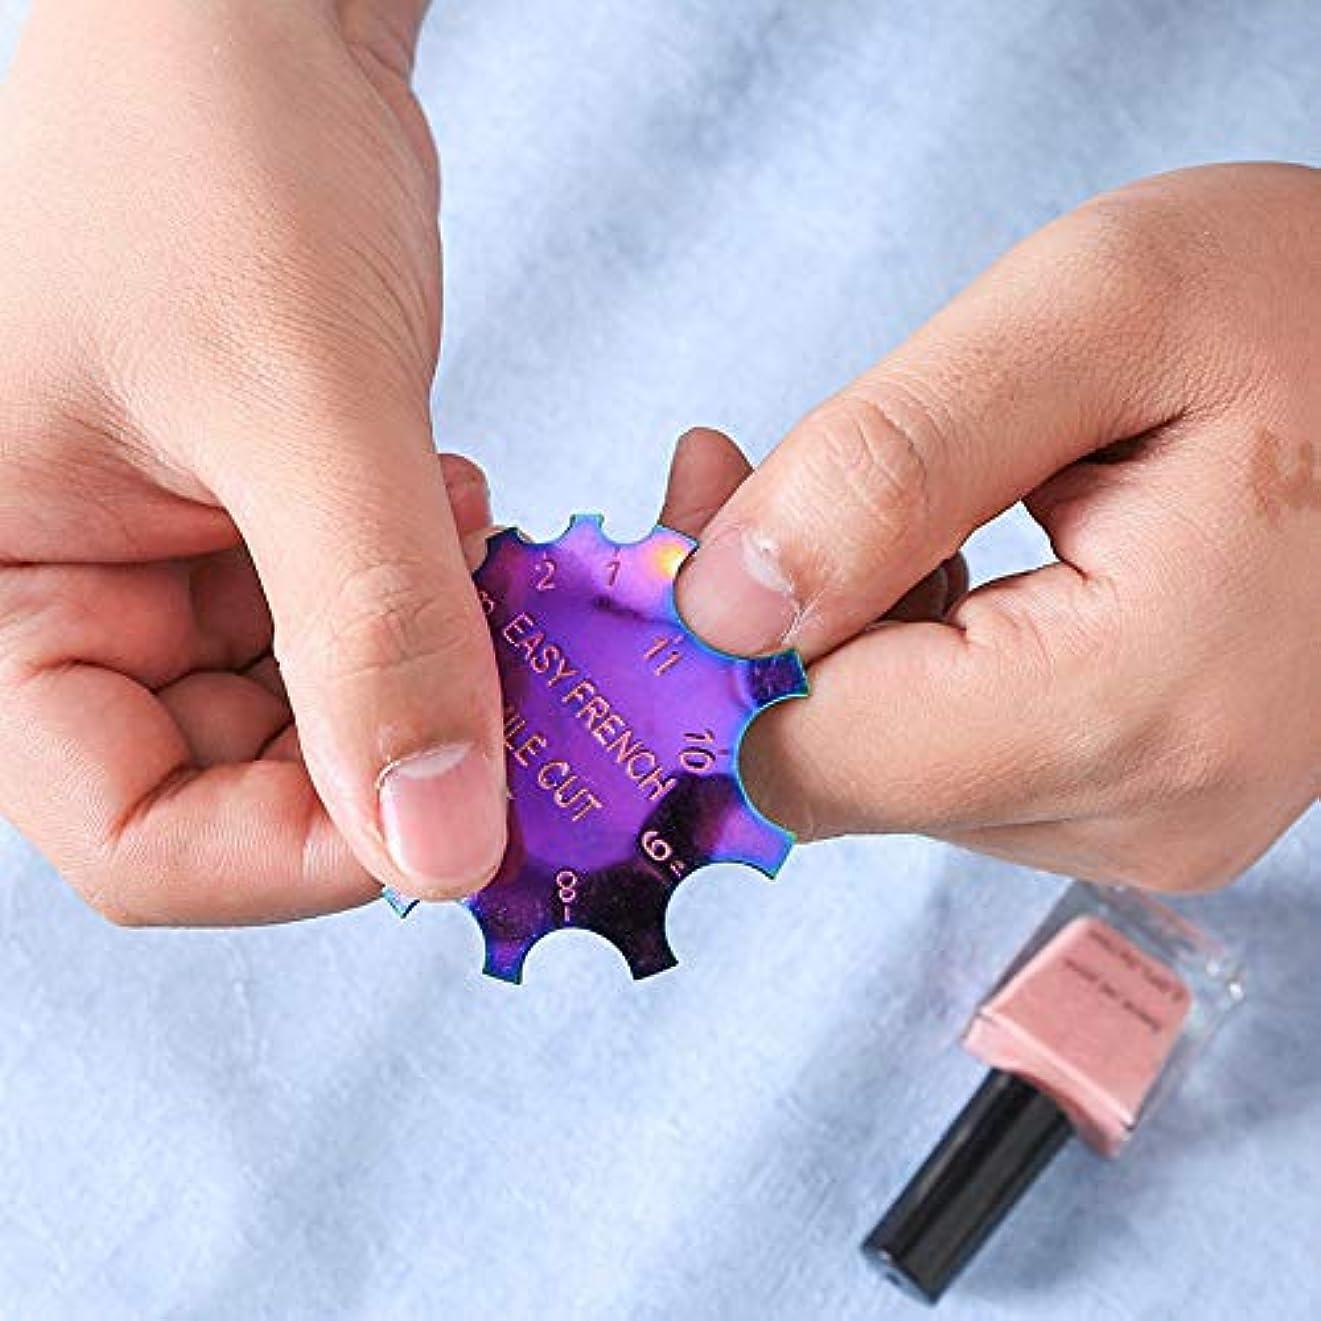 闇テクトニック枯れるSymboat 女性のための多彩なステンレス鋼の釘型のフランスの釘の版の釘用具